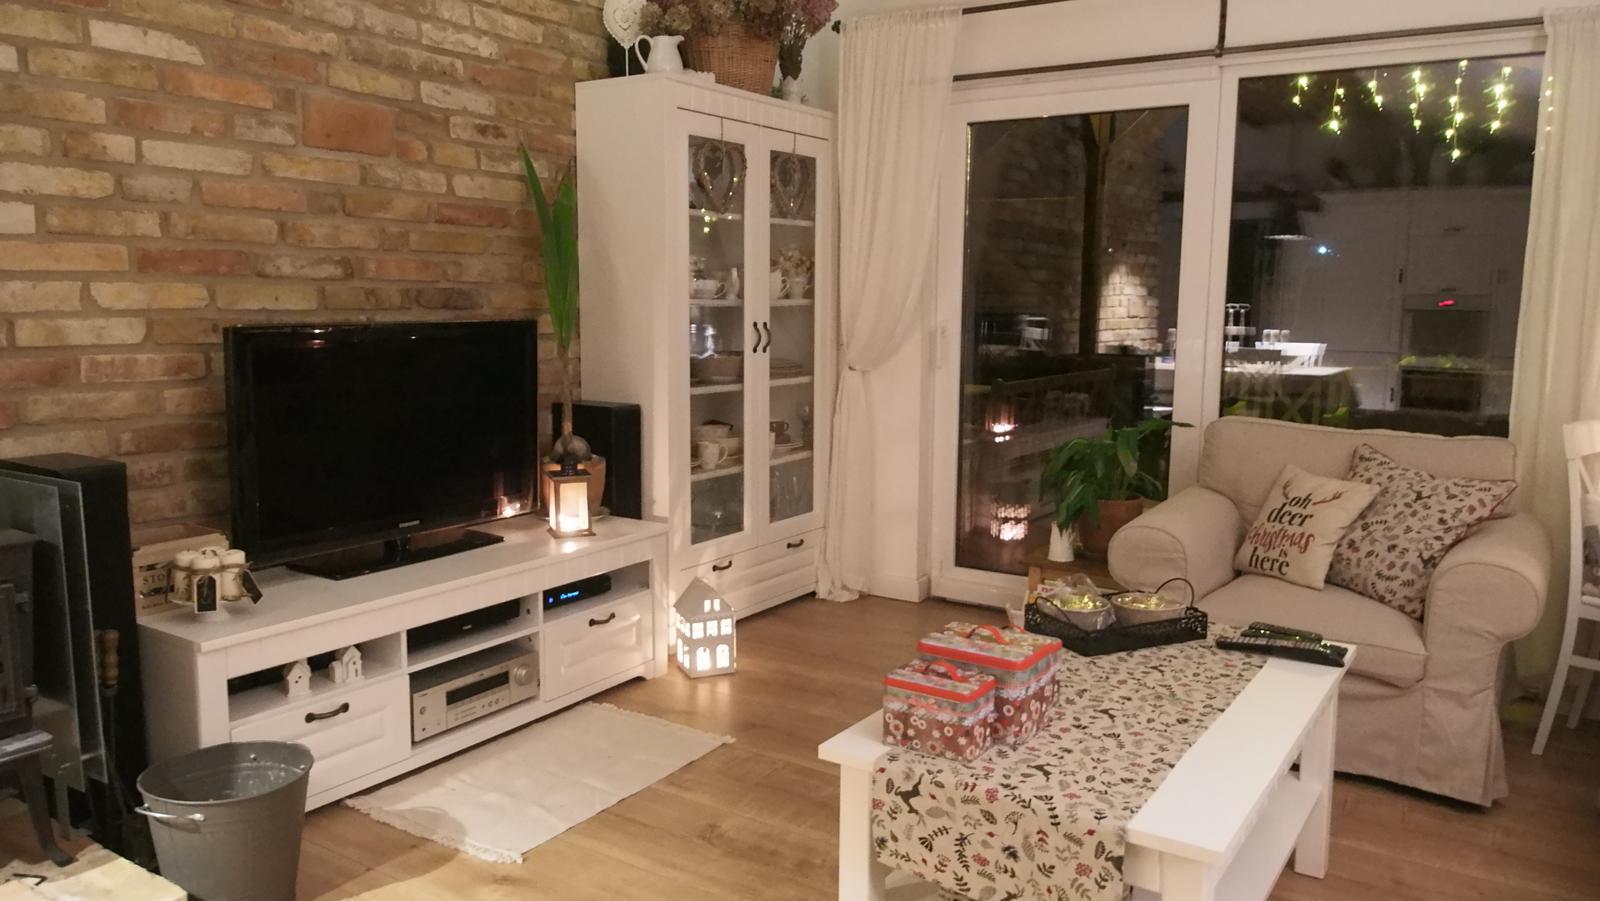 Náš domček ♡ Bramasole ♡ ... Stilo interiér aj exteriér 4. rok bývania - Obrázok č. 4